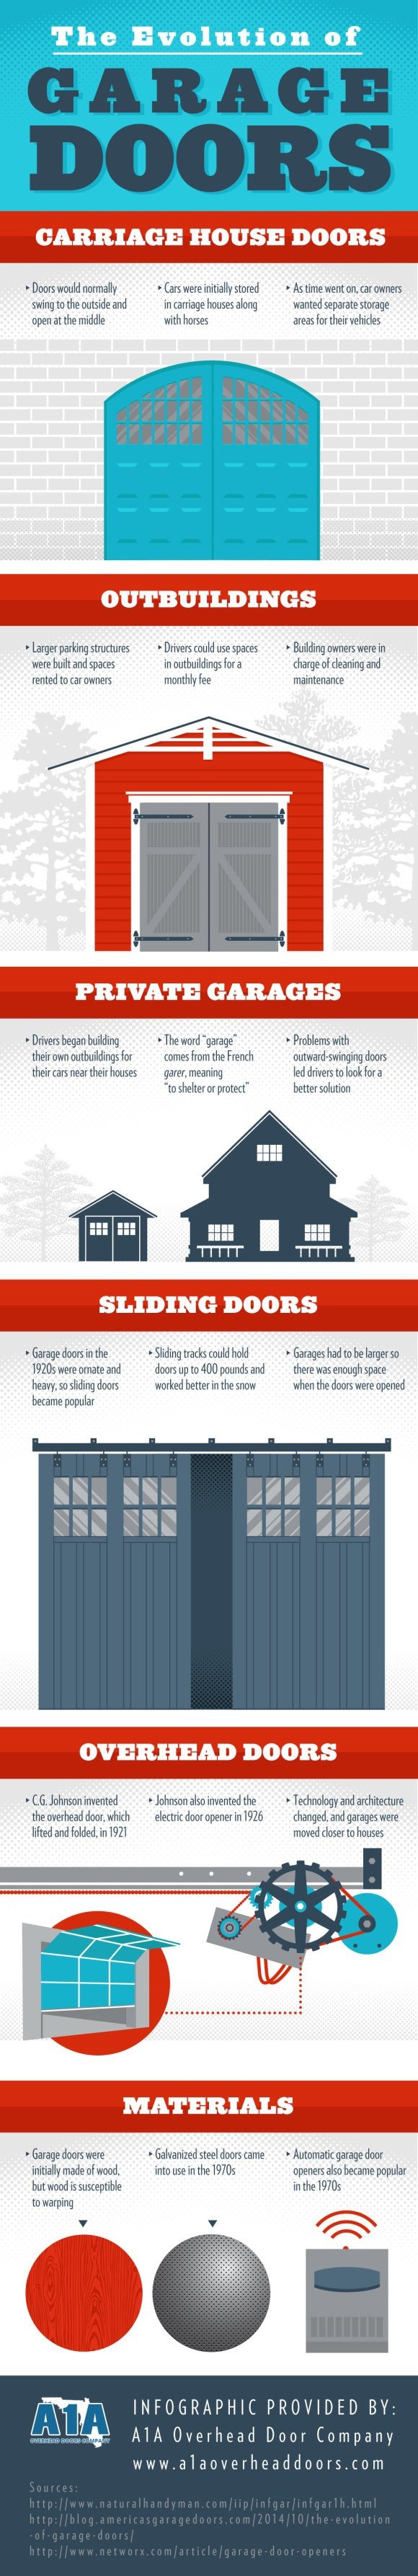 The Evolution of Garage Doors Jacksonville